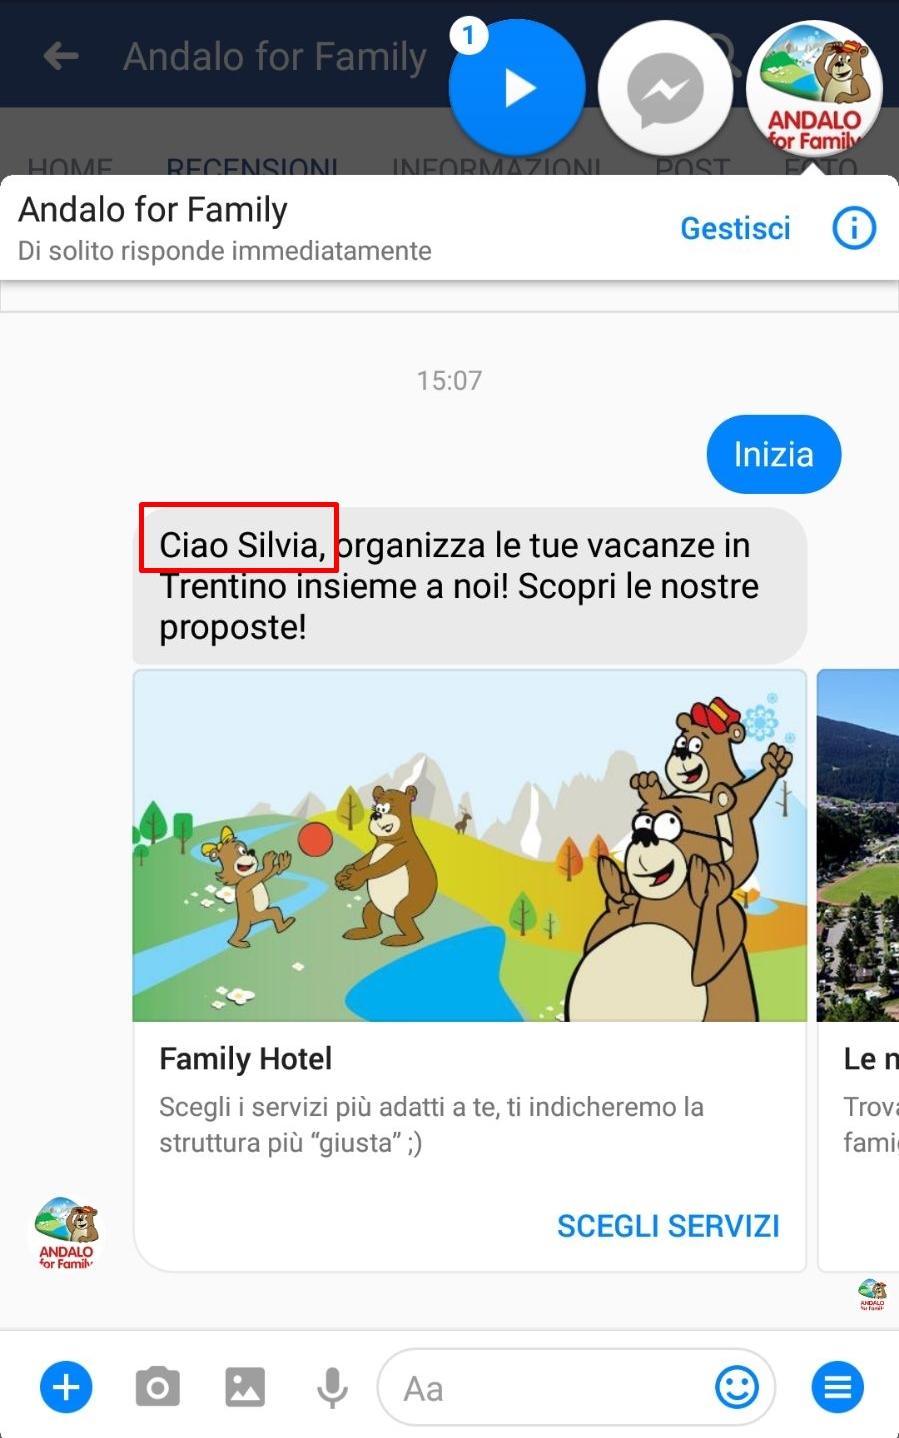 ChatBot Andaloforfamily